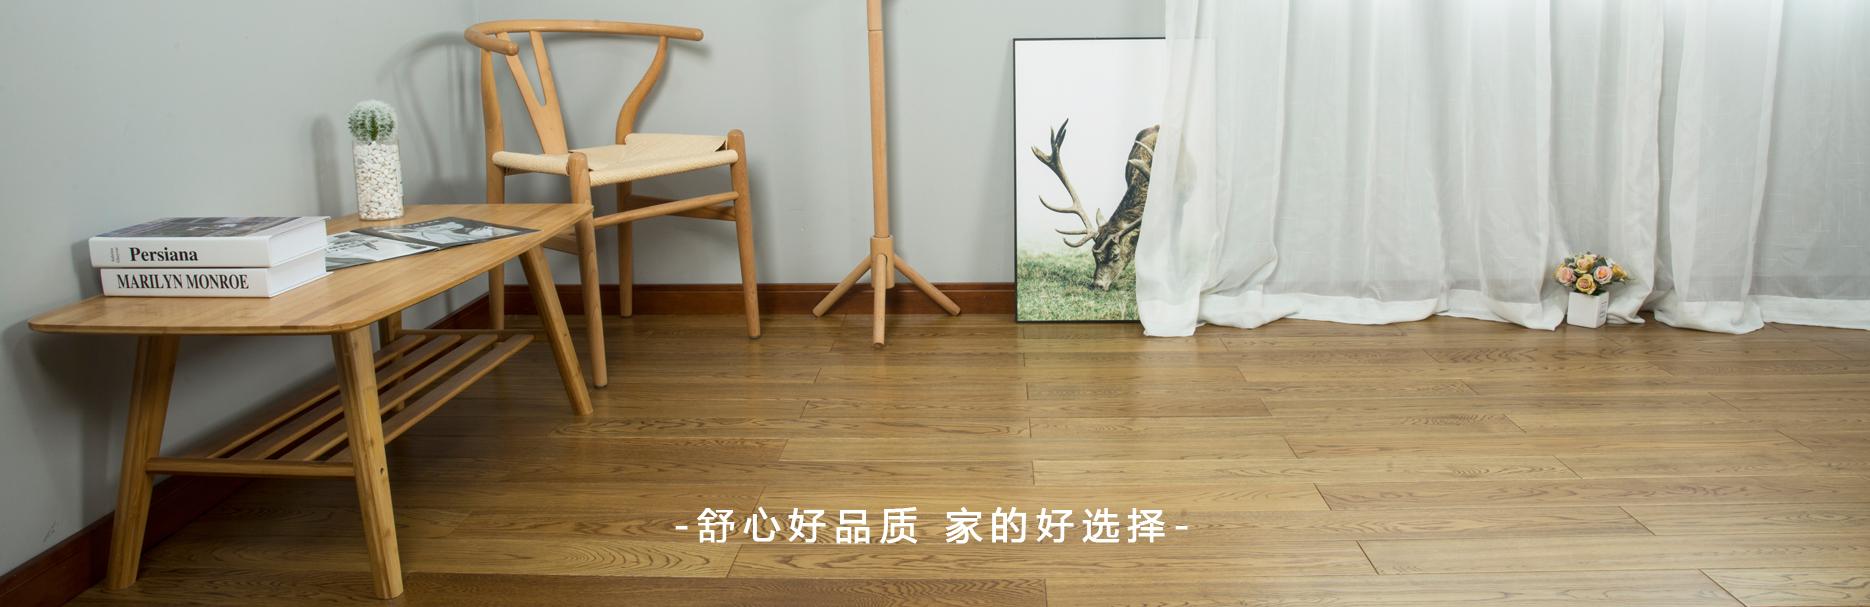 官網幻燈片改2